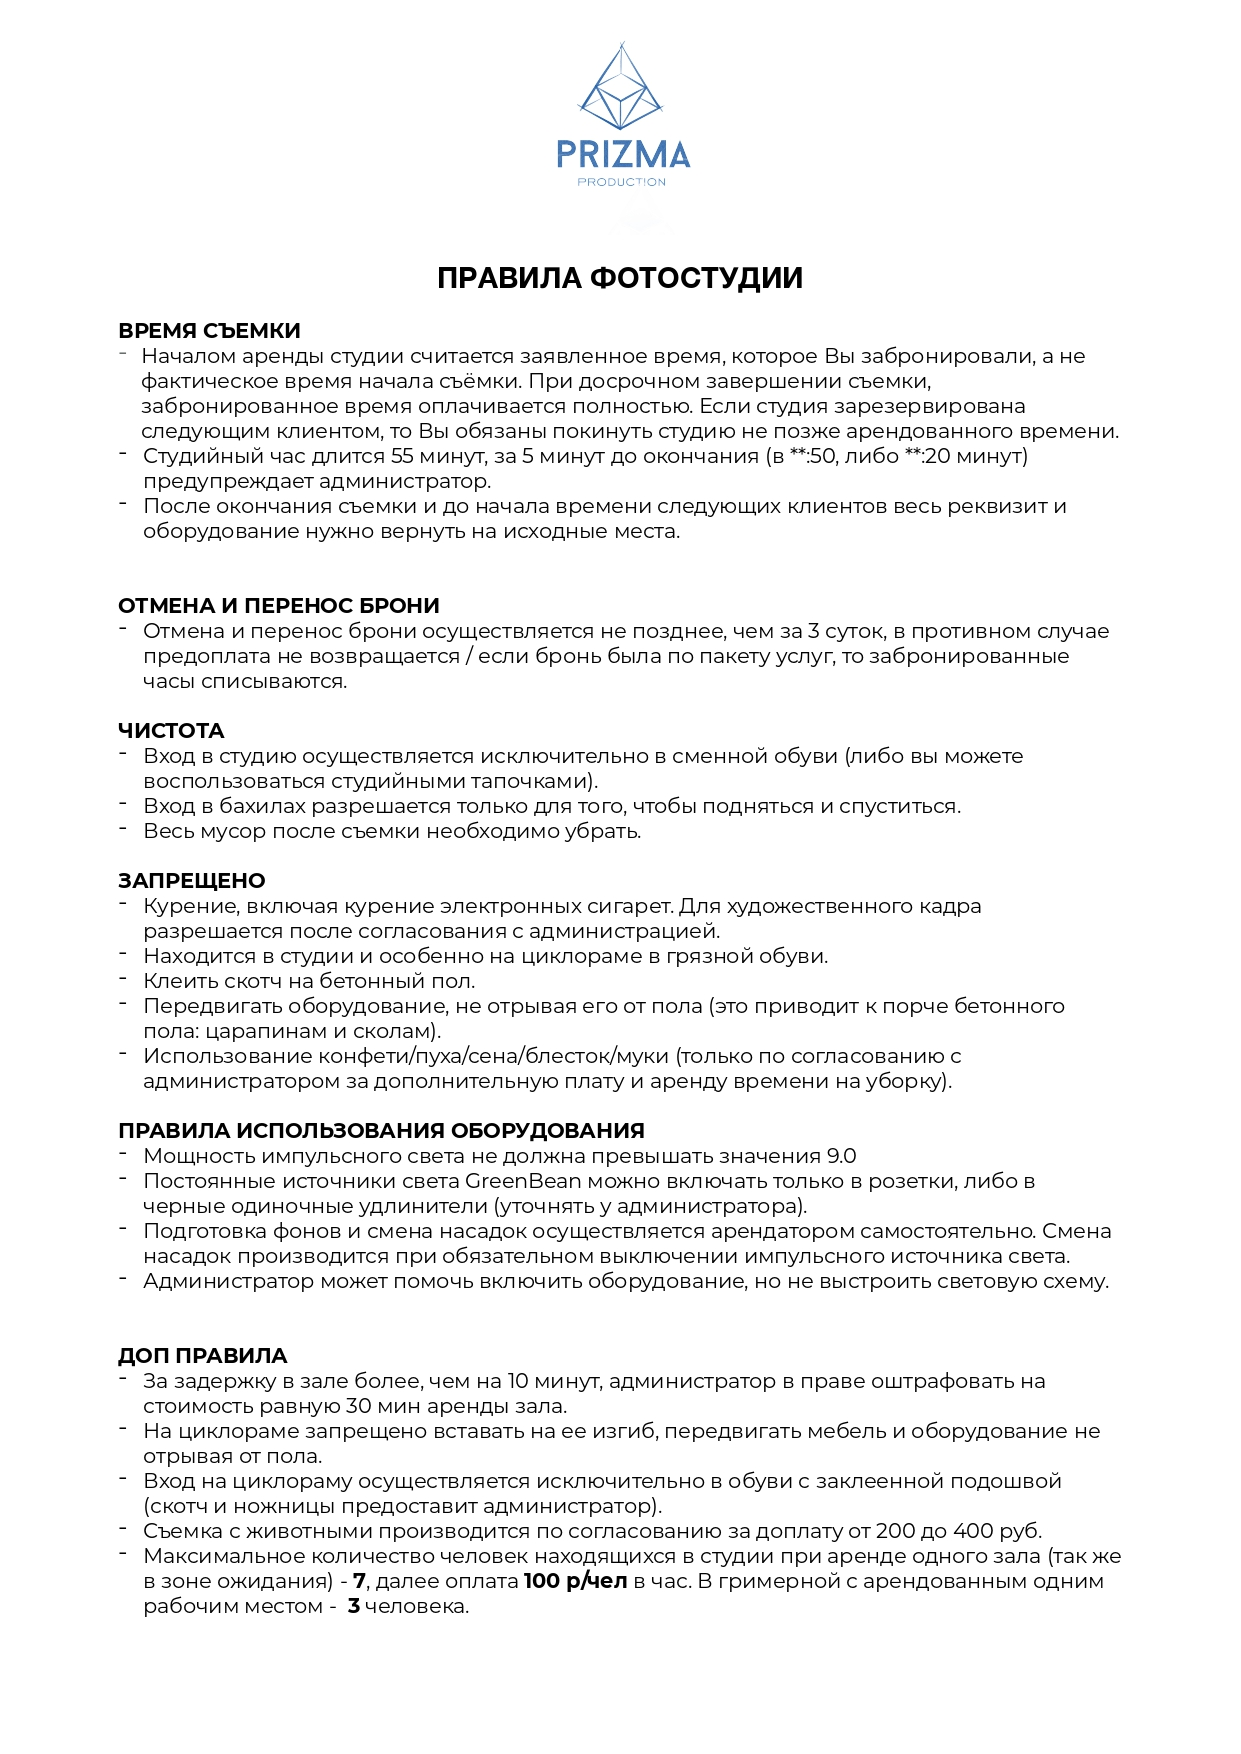 pravila-fotostudii_page-0001